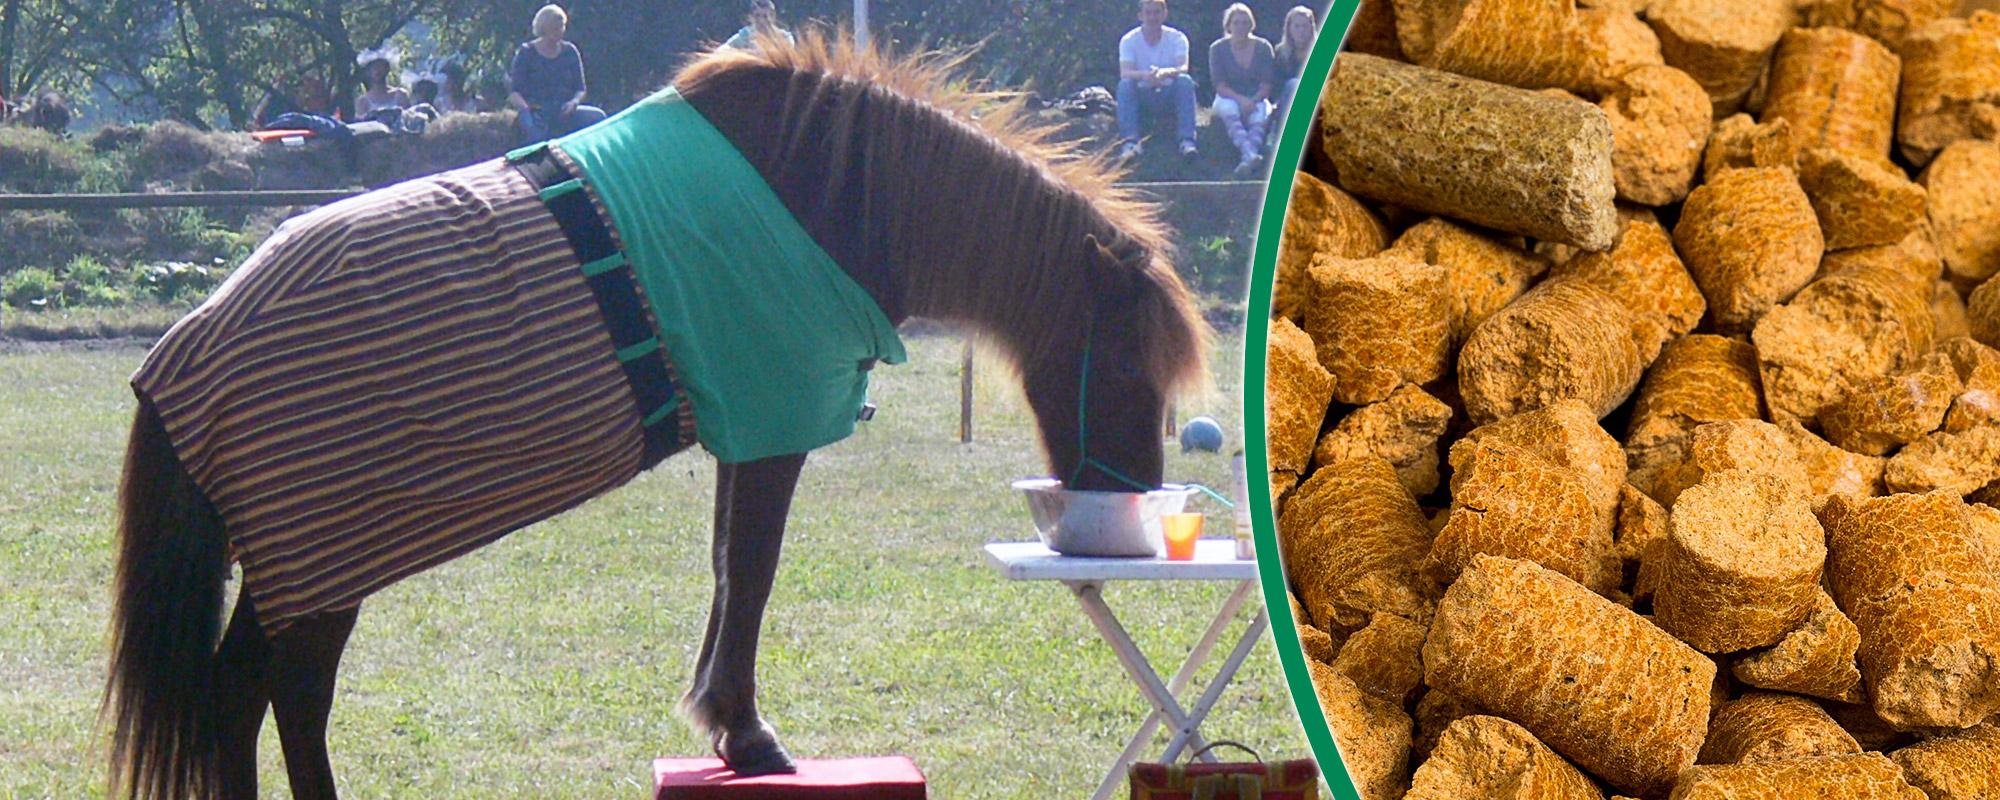 Belohnungsfutter & Pferdeleckerli